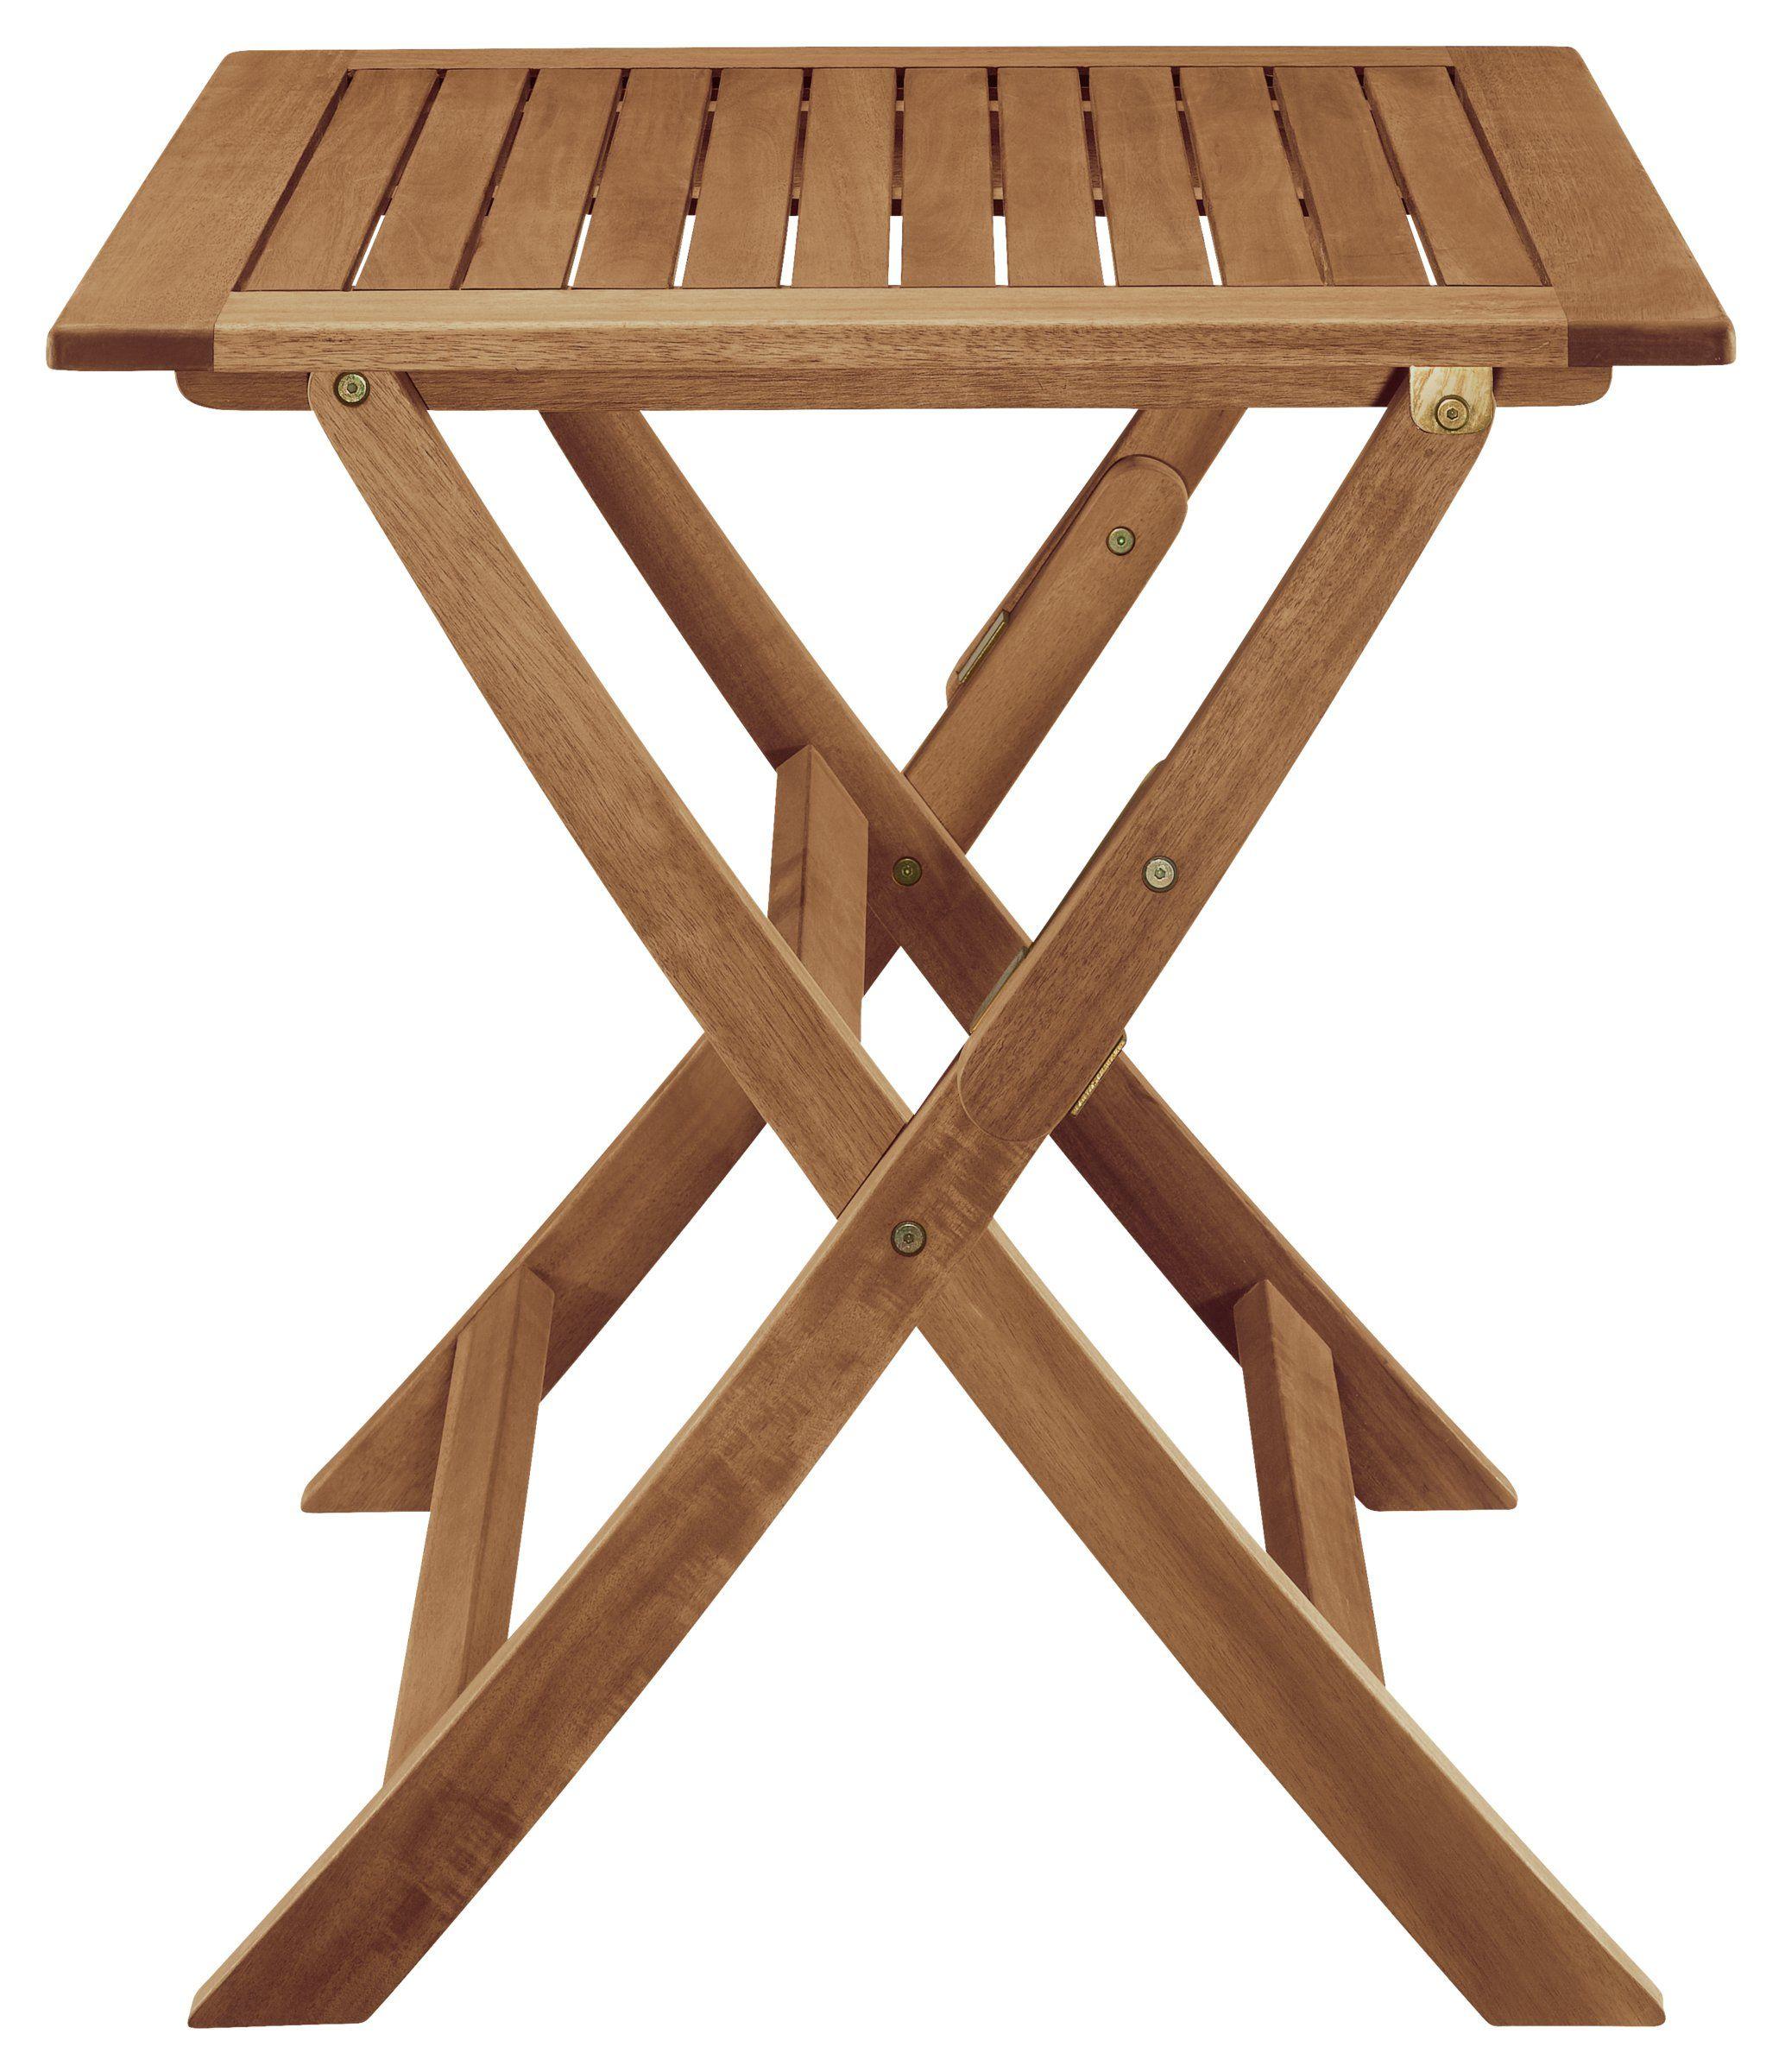 Cameron 70 X 70 Cm Klapptisch Kaufen Bei Do It Garden Klapptisch Beistelltisch Holz Beistelltisch